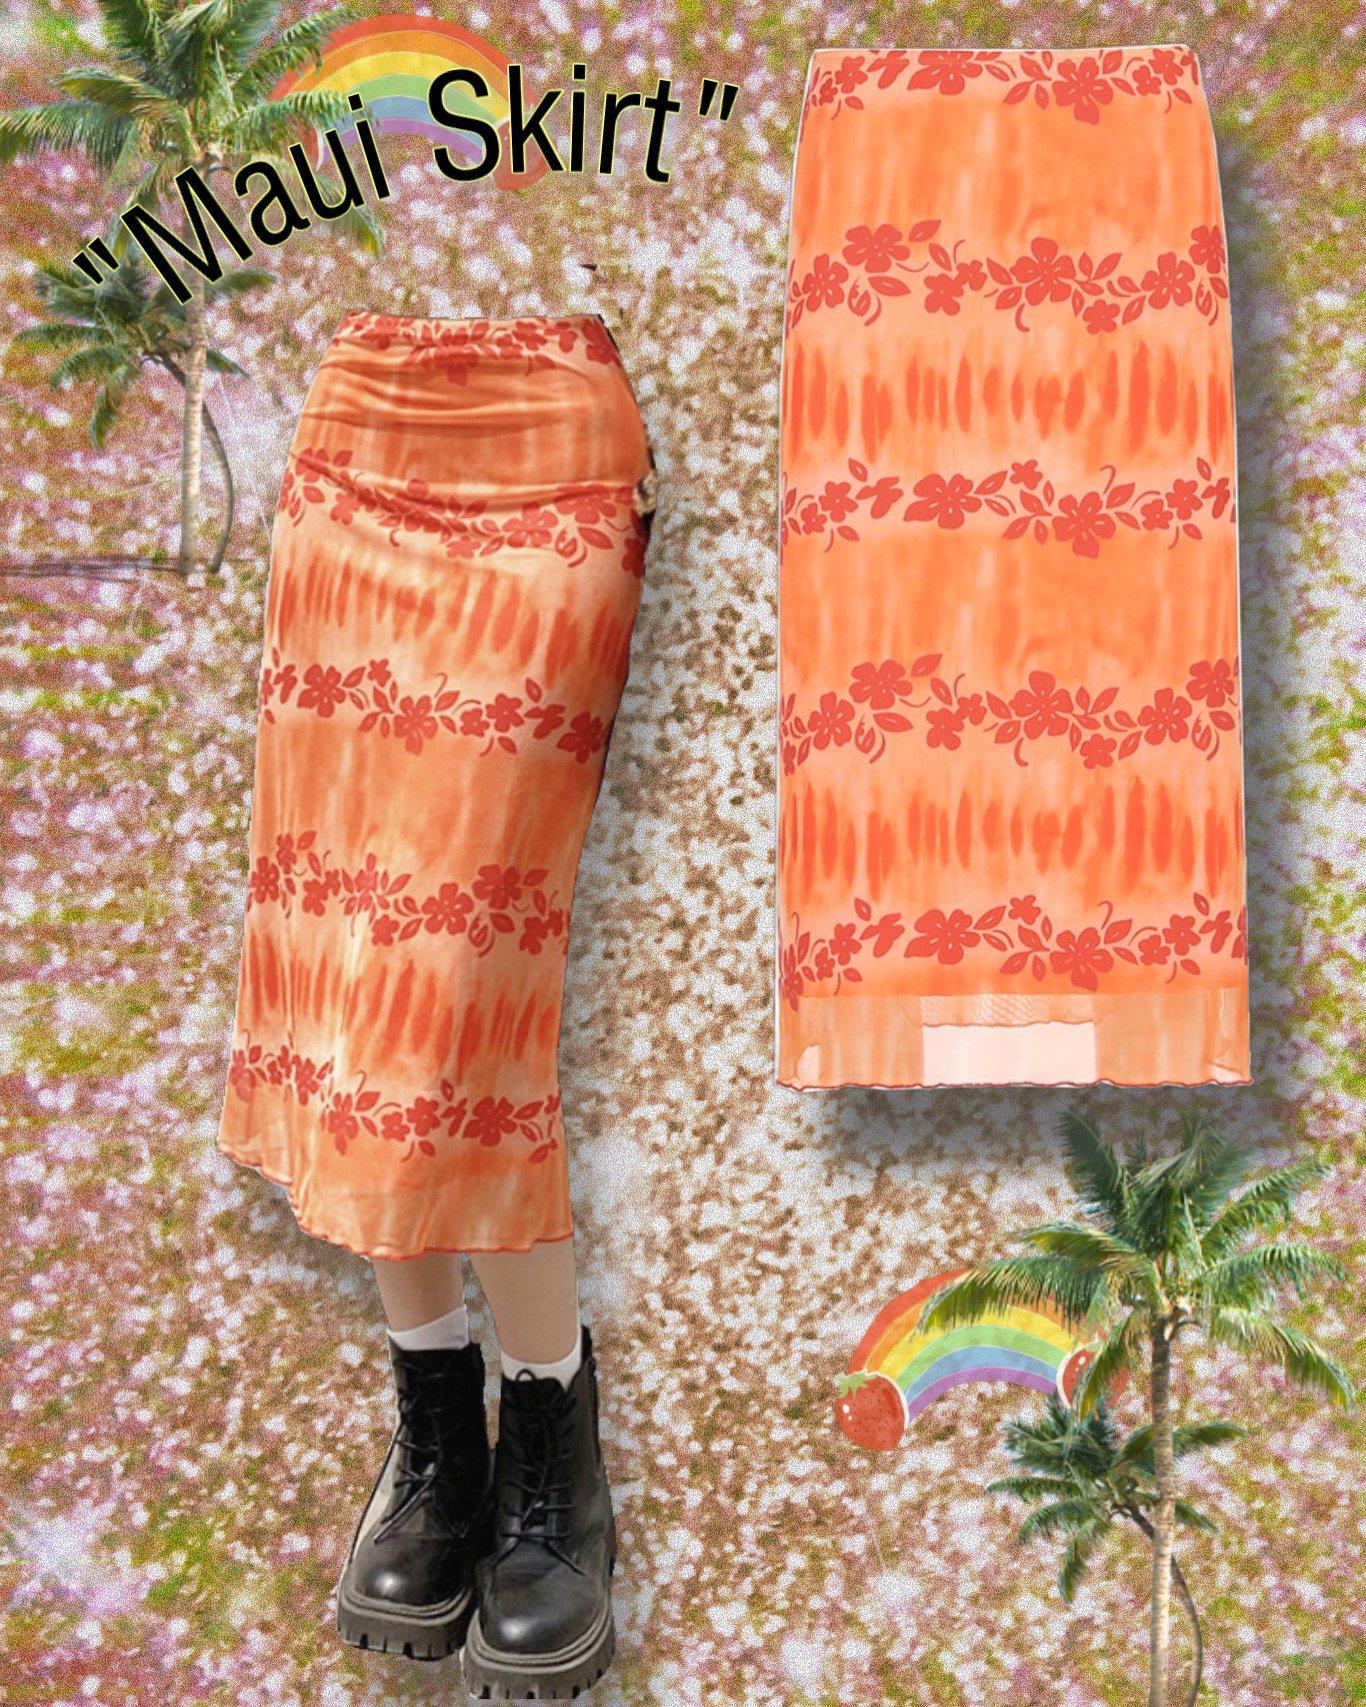 Image of Maui Skirt